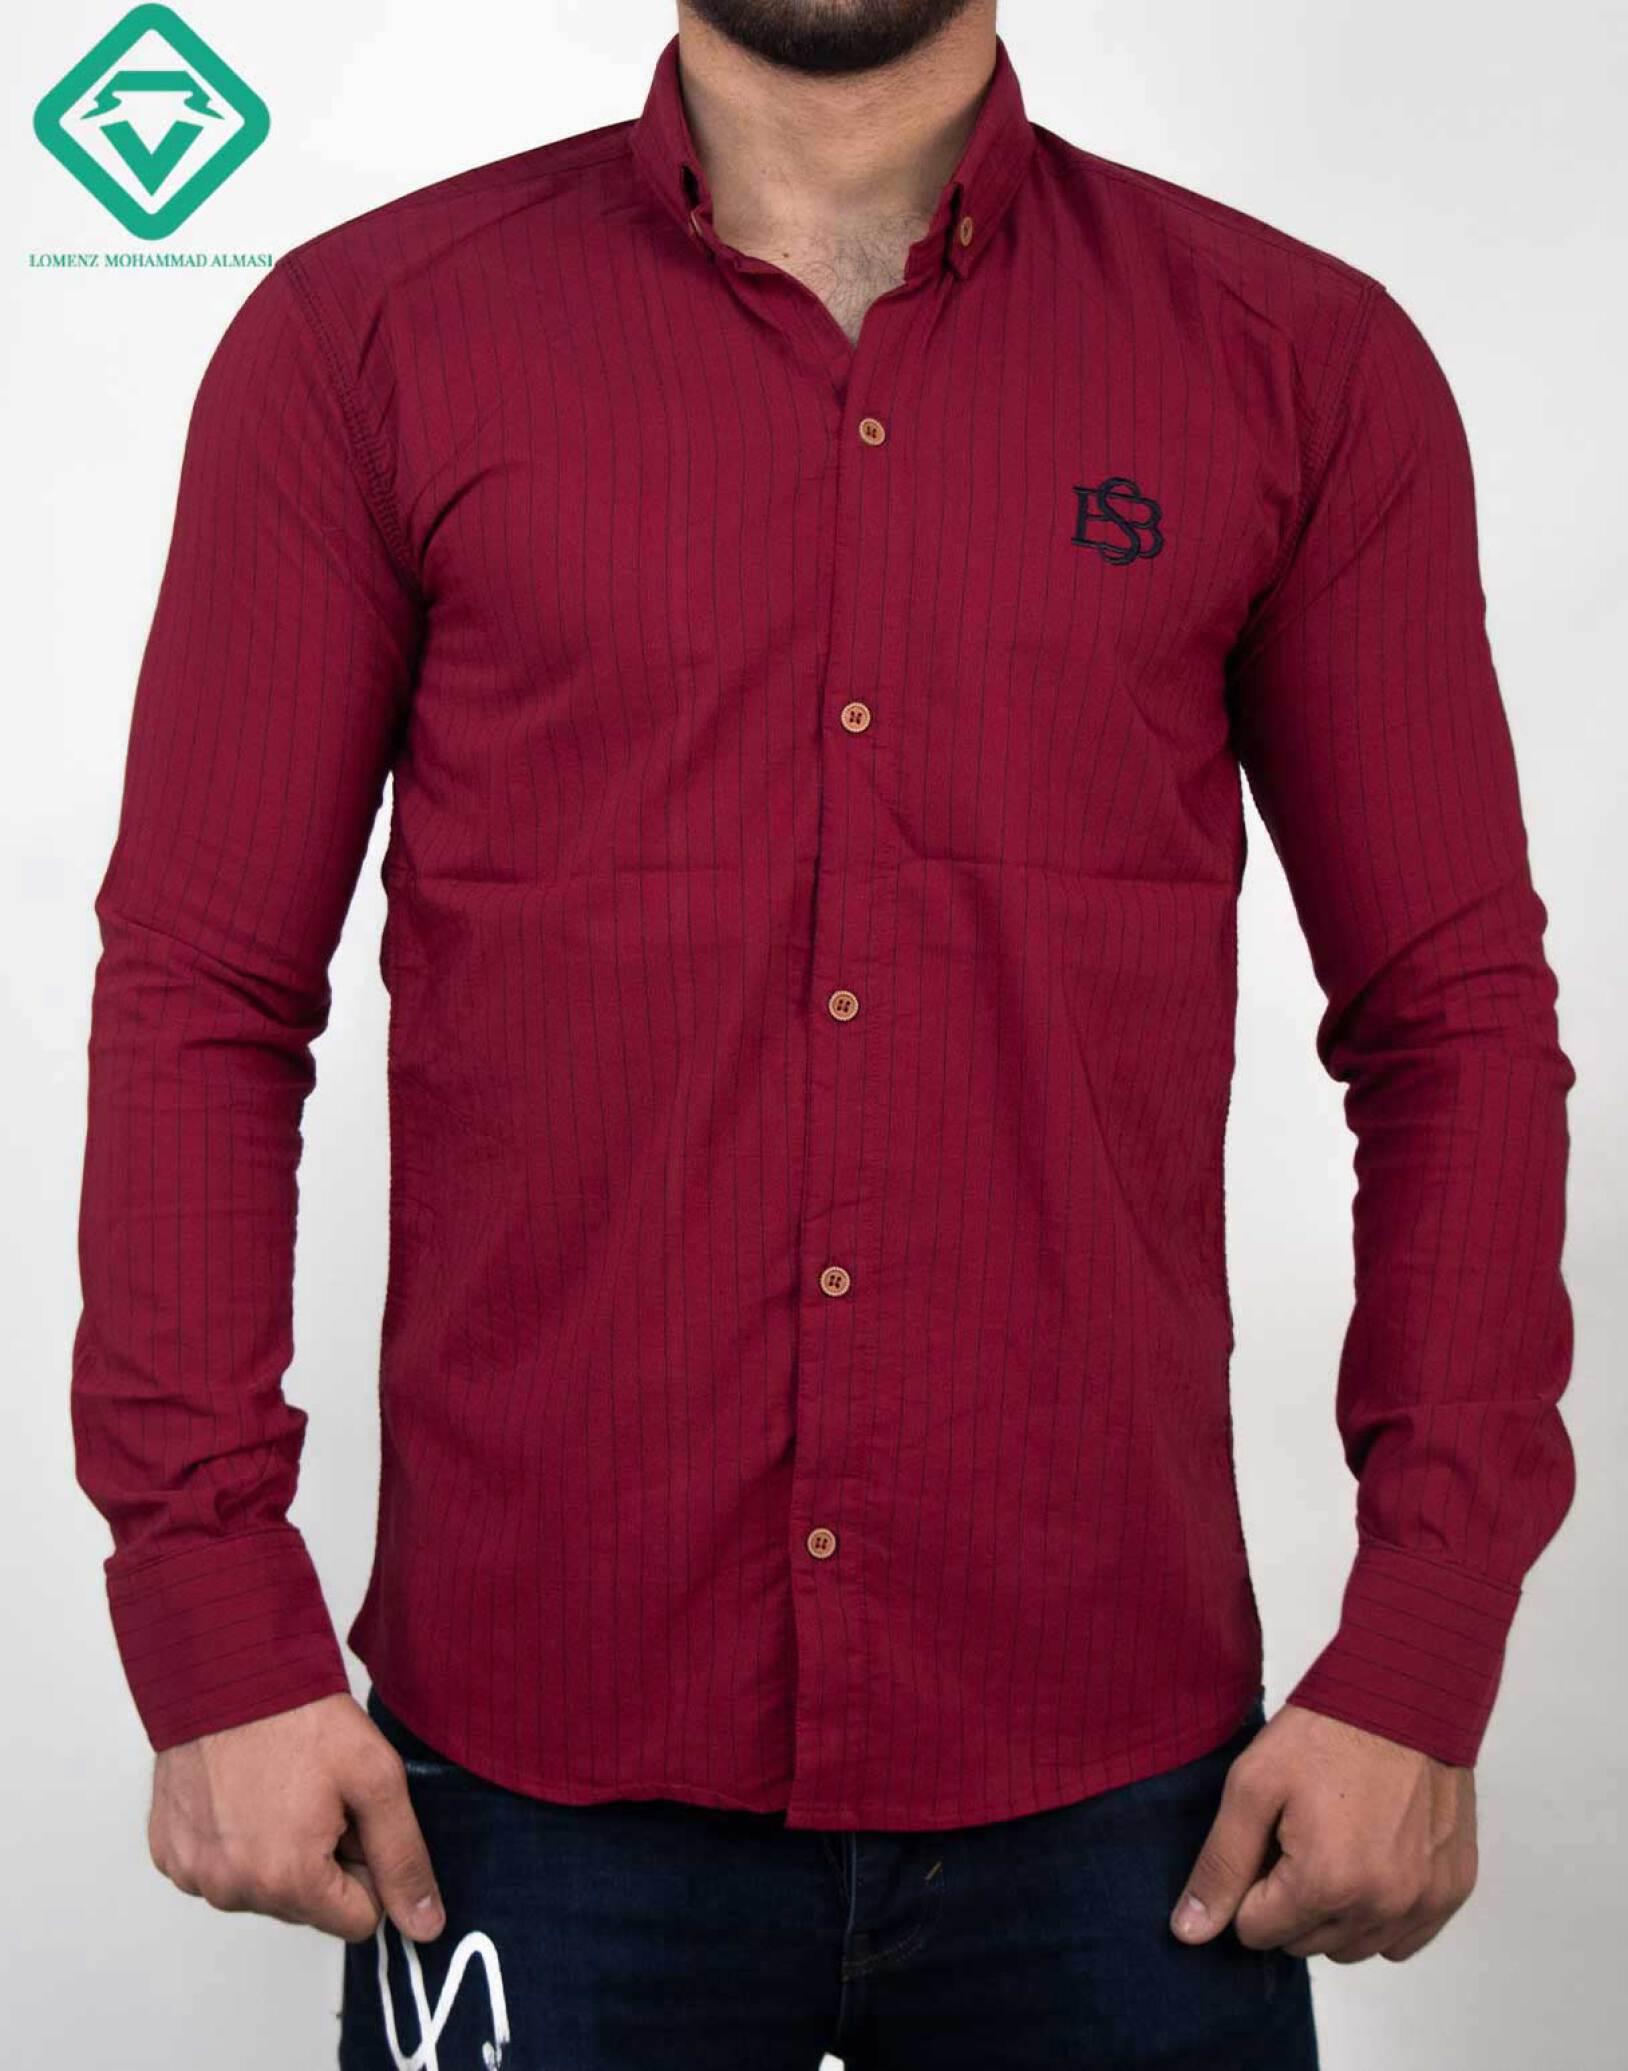 پیراهن آستین بلند اسپرت کد 011 تولید شده توسط سایت لومنز